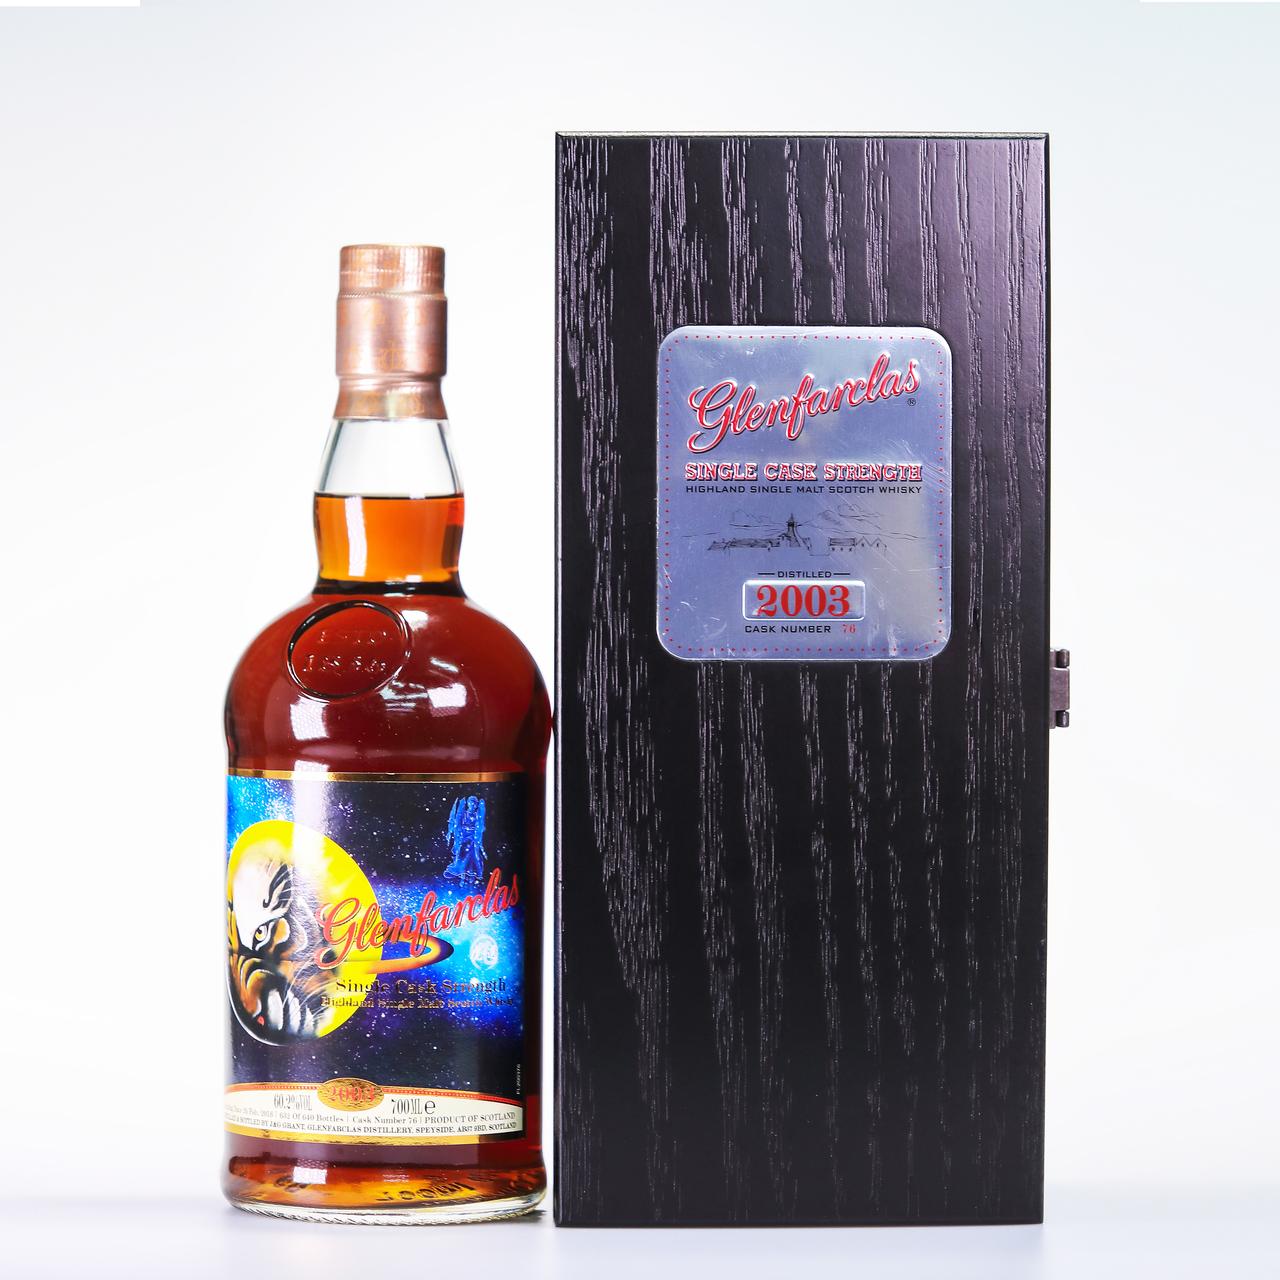 Glenfarclas 2003 single tiger's exclusive selection cask  76